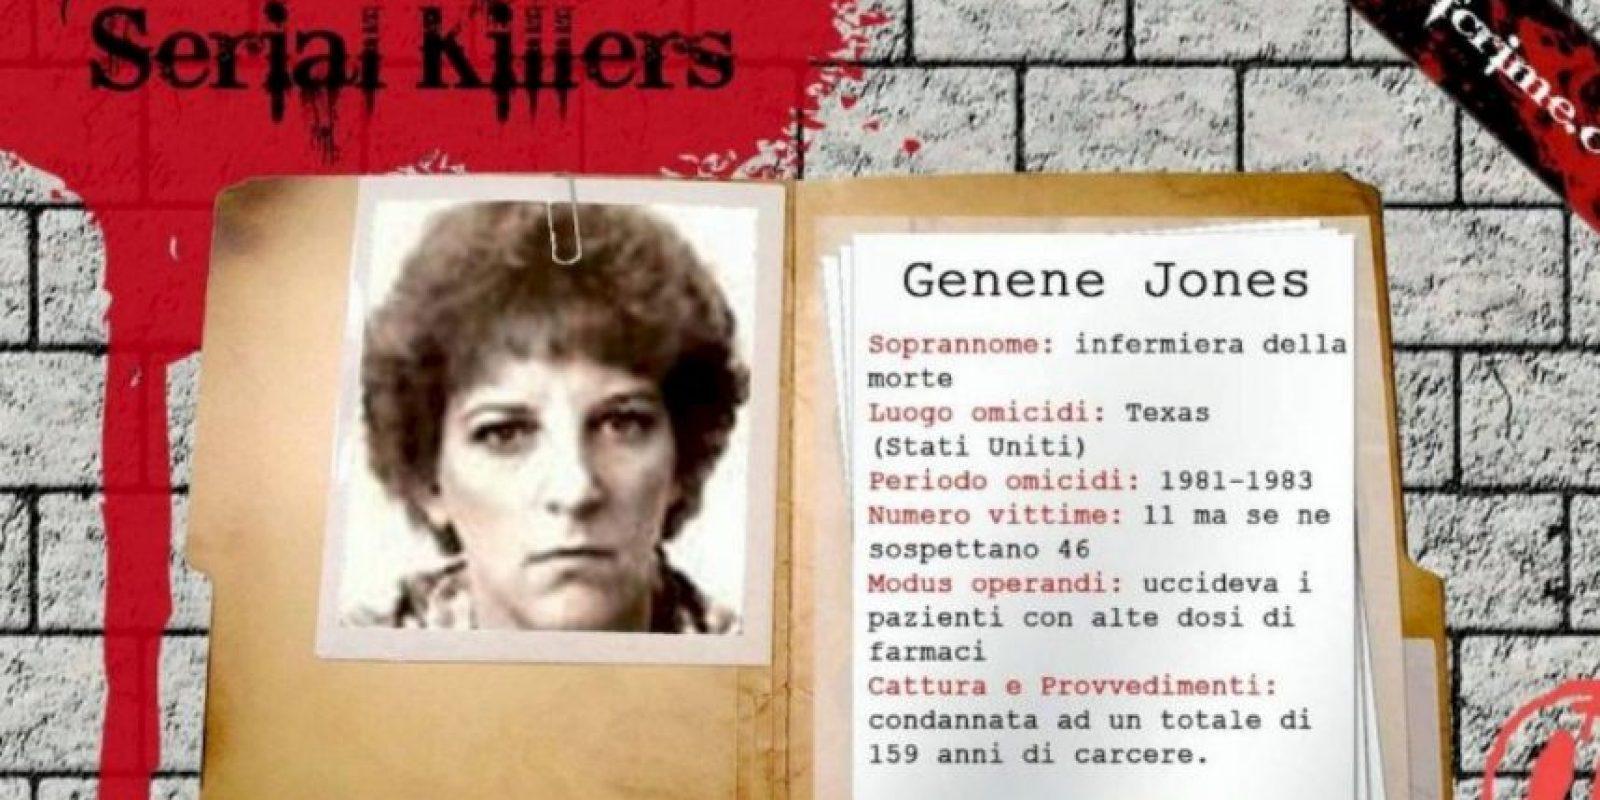 ¡Brutales! Estas son las 7 peores enfermeras asesinas de la Historia Genene Jones, 'Baby Killer', asesina de bebés en serie. Foto:HallofCrime. Imagen Por: